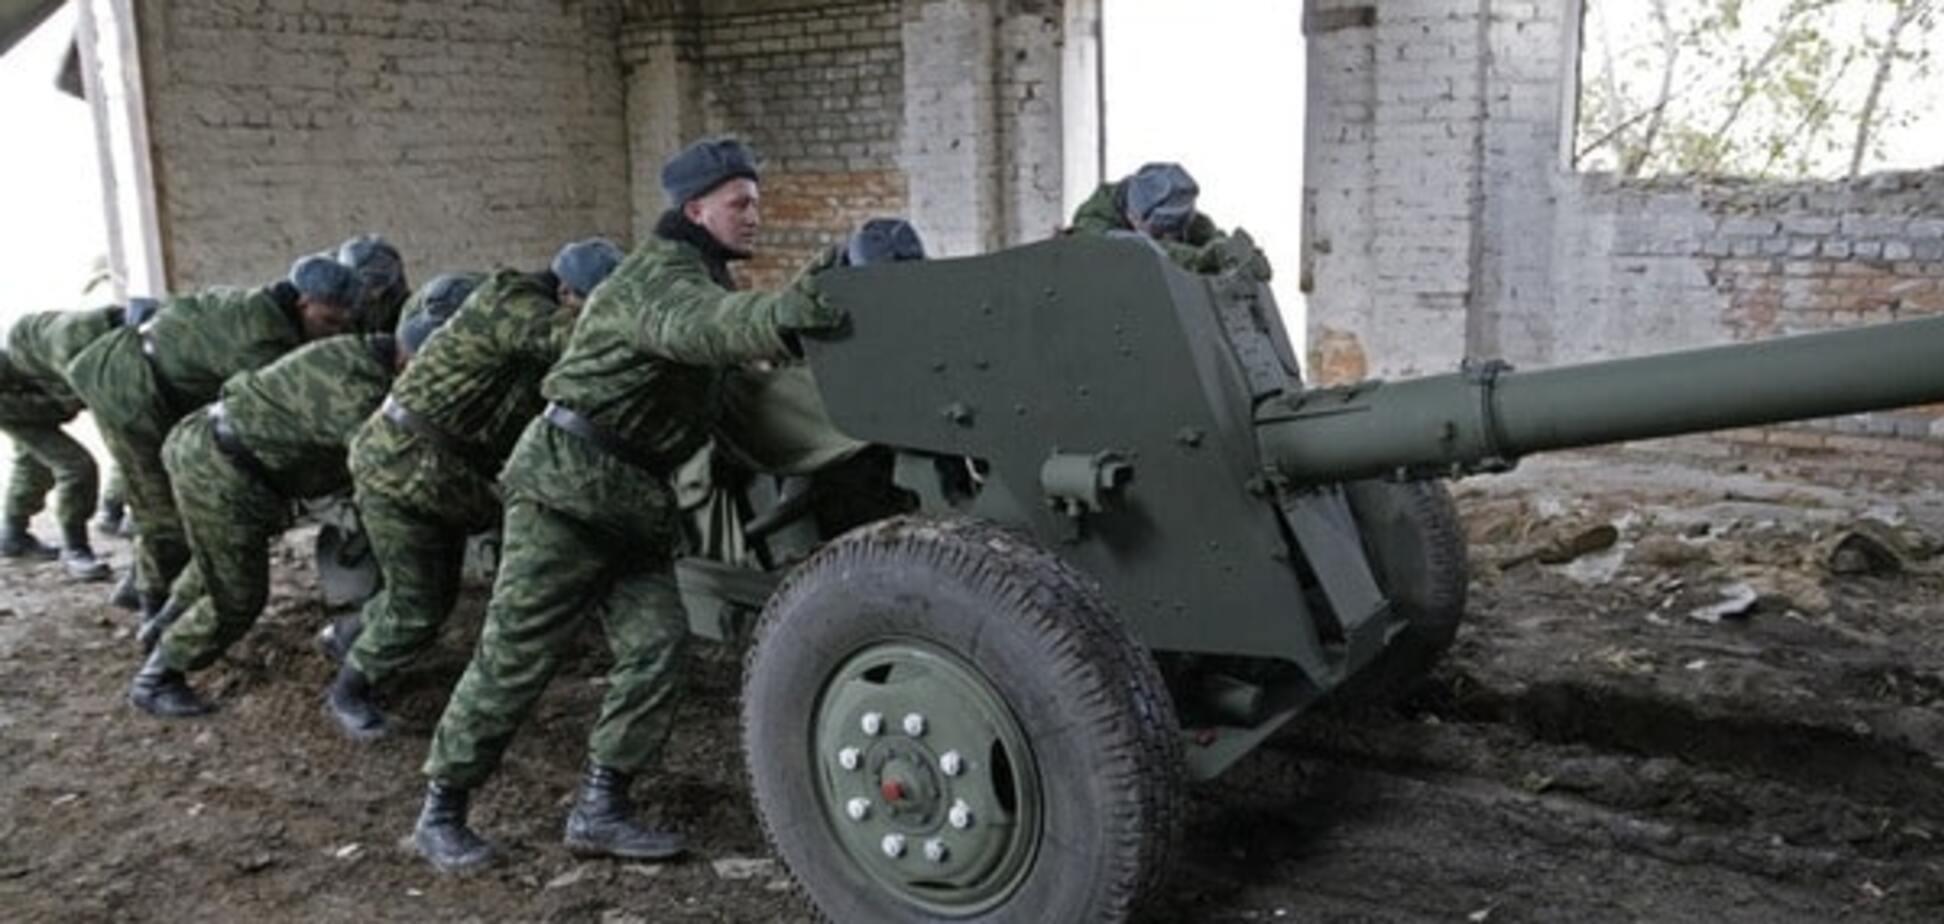 Терористи на Донбасі розікрали відведене озброєння - Тимчук